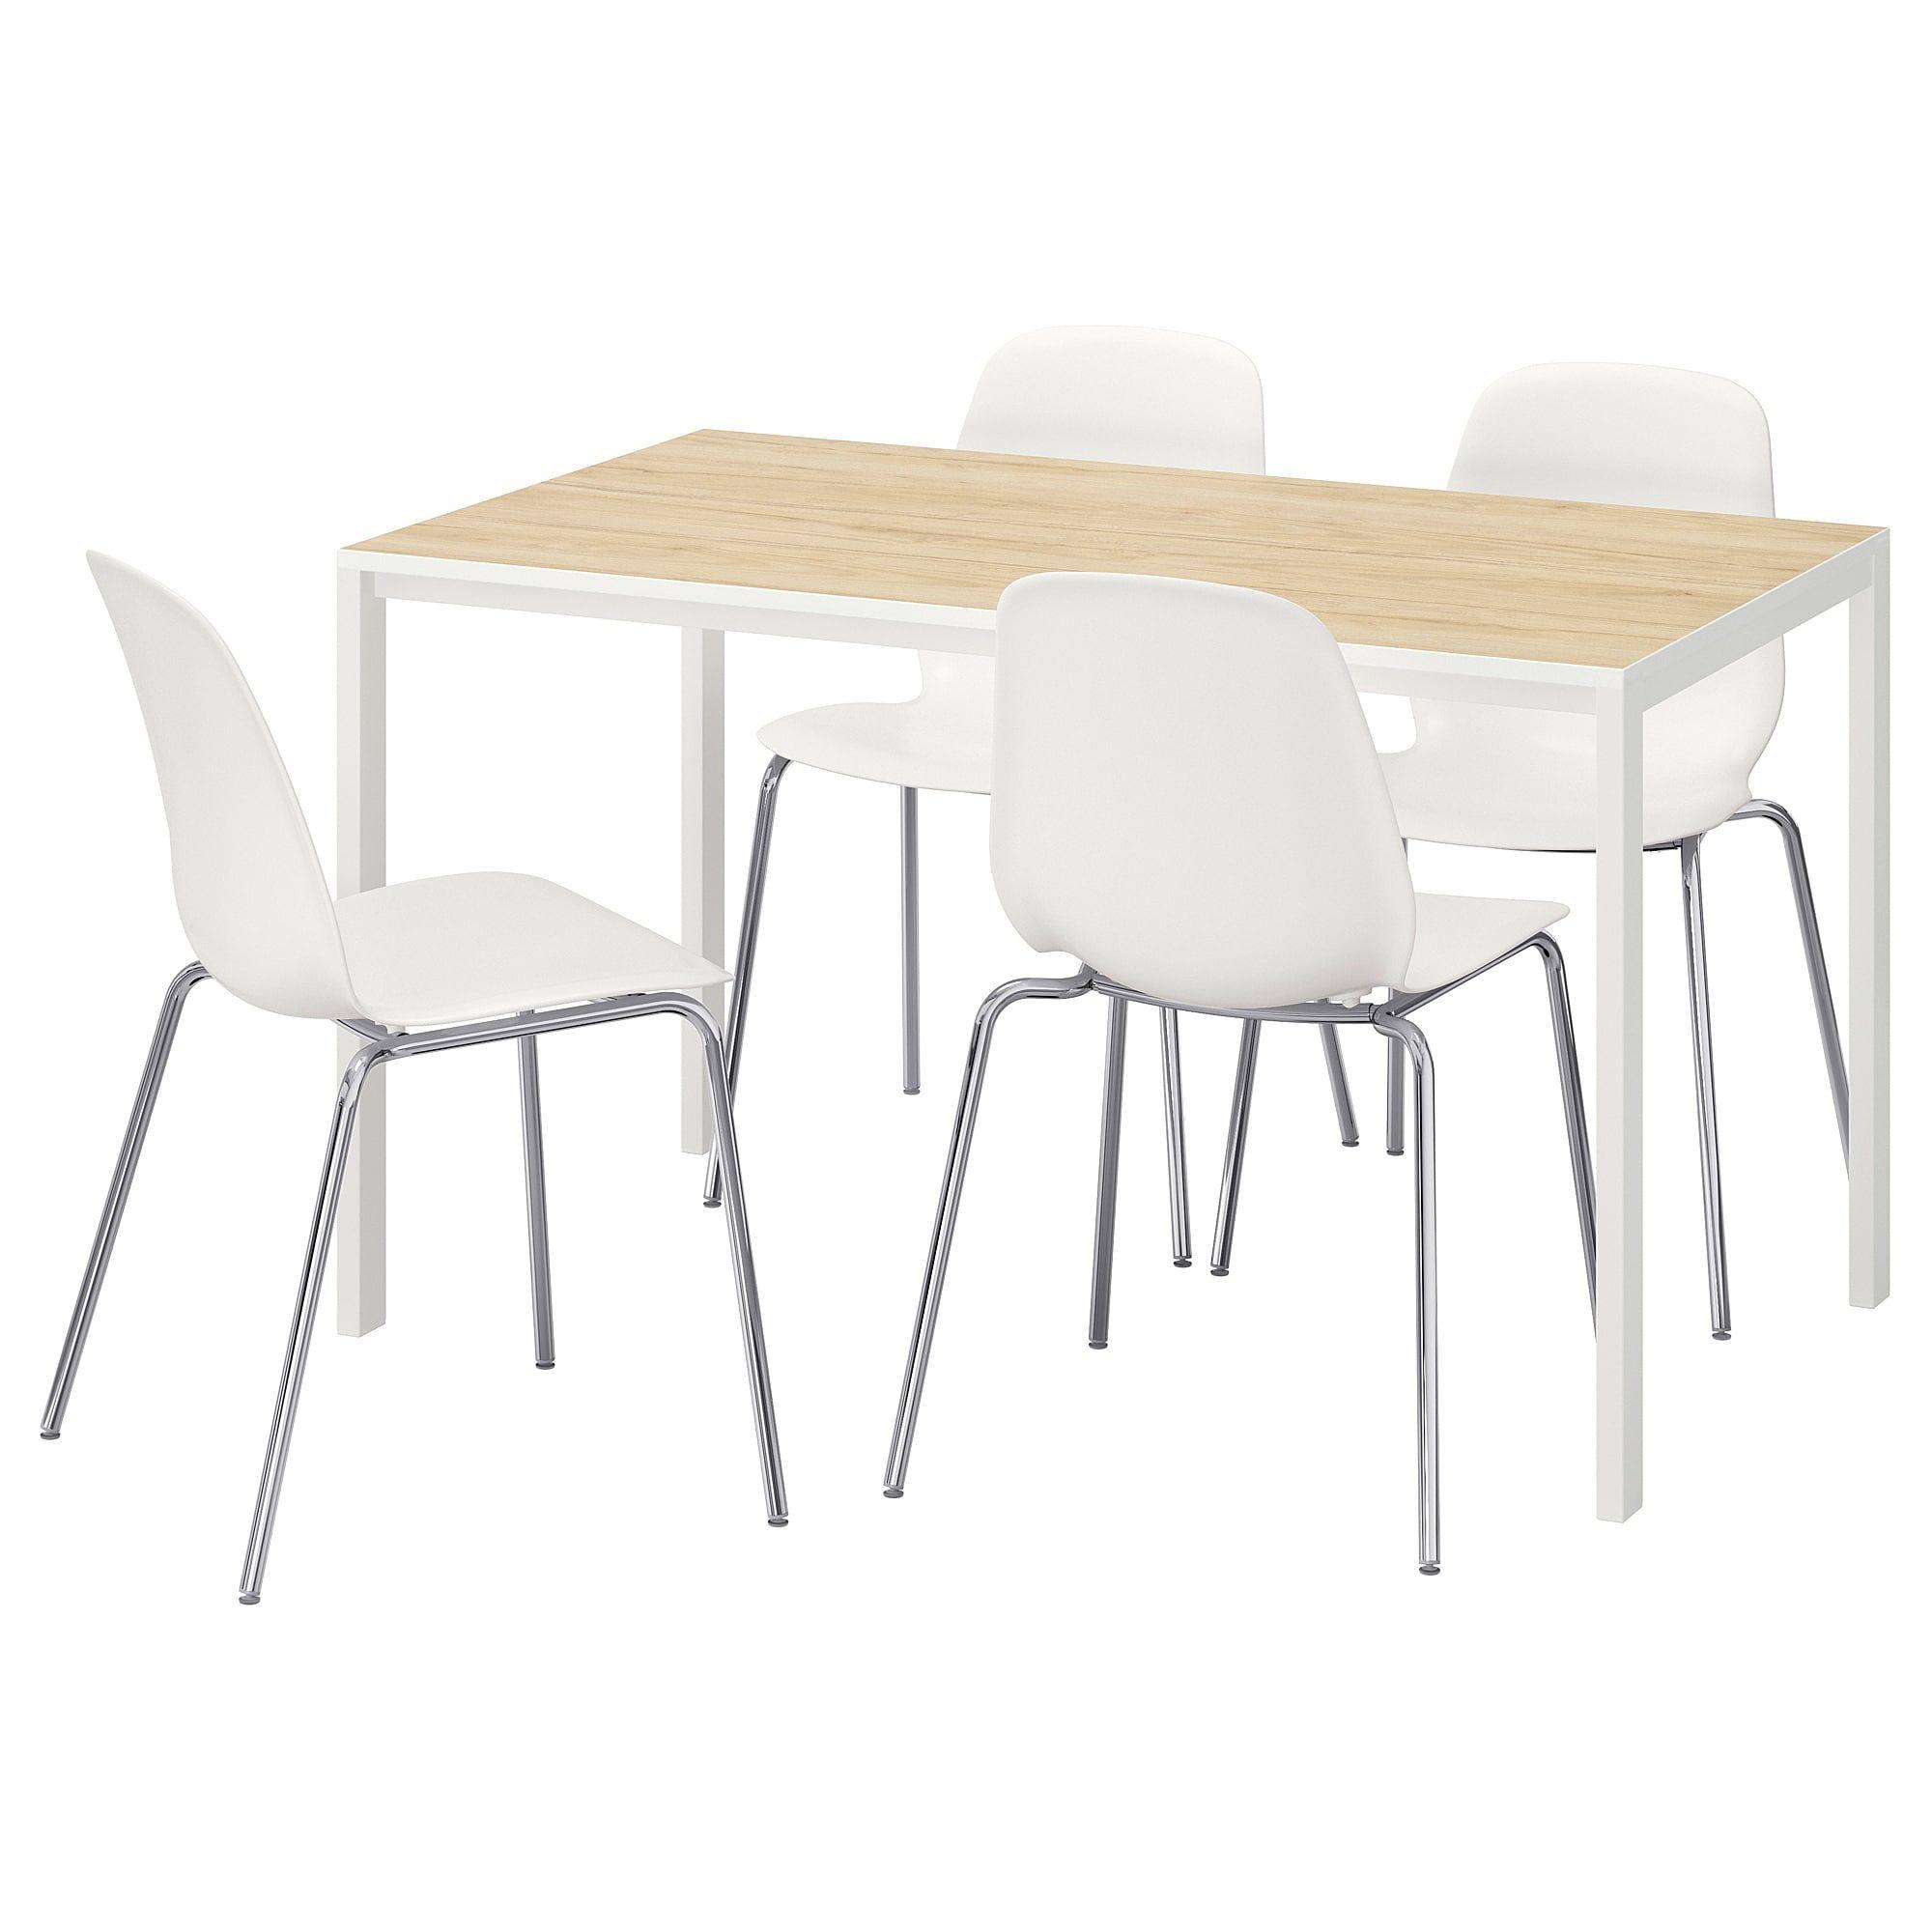 Melltorp Leifarne Tisch Und 4 Stuhle Esche Weiss Broringe